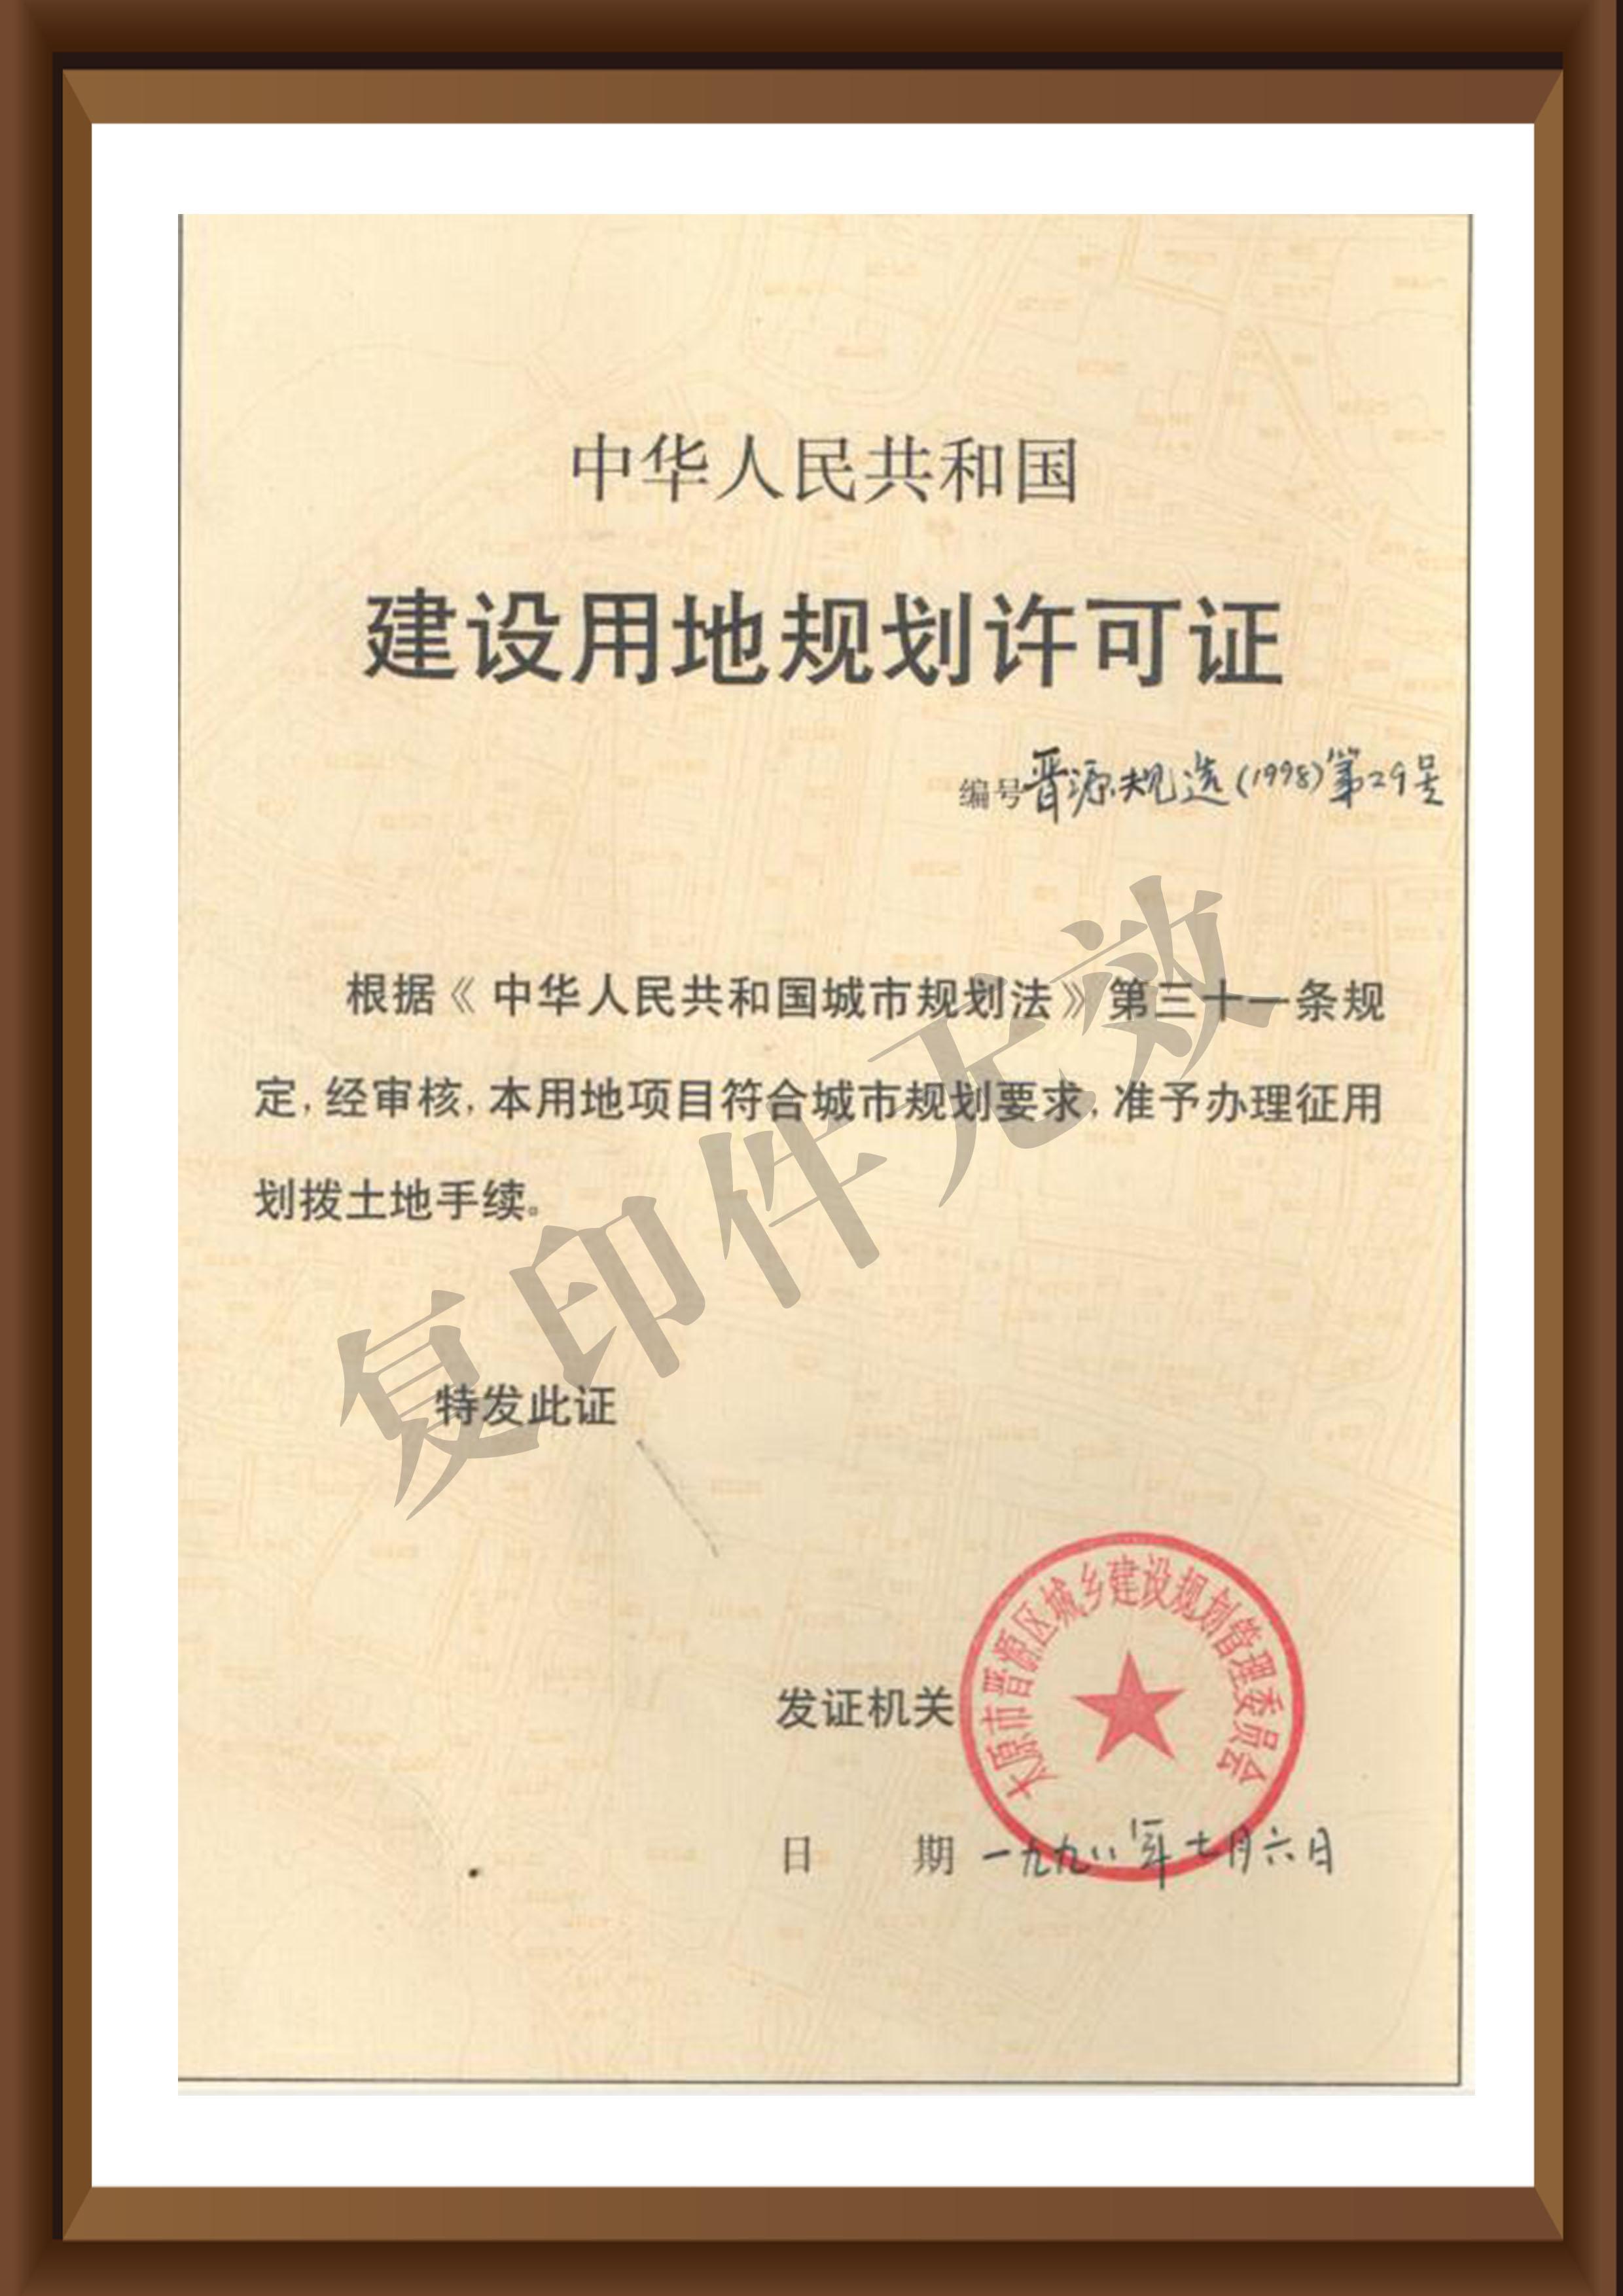 規劃許可證2